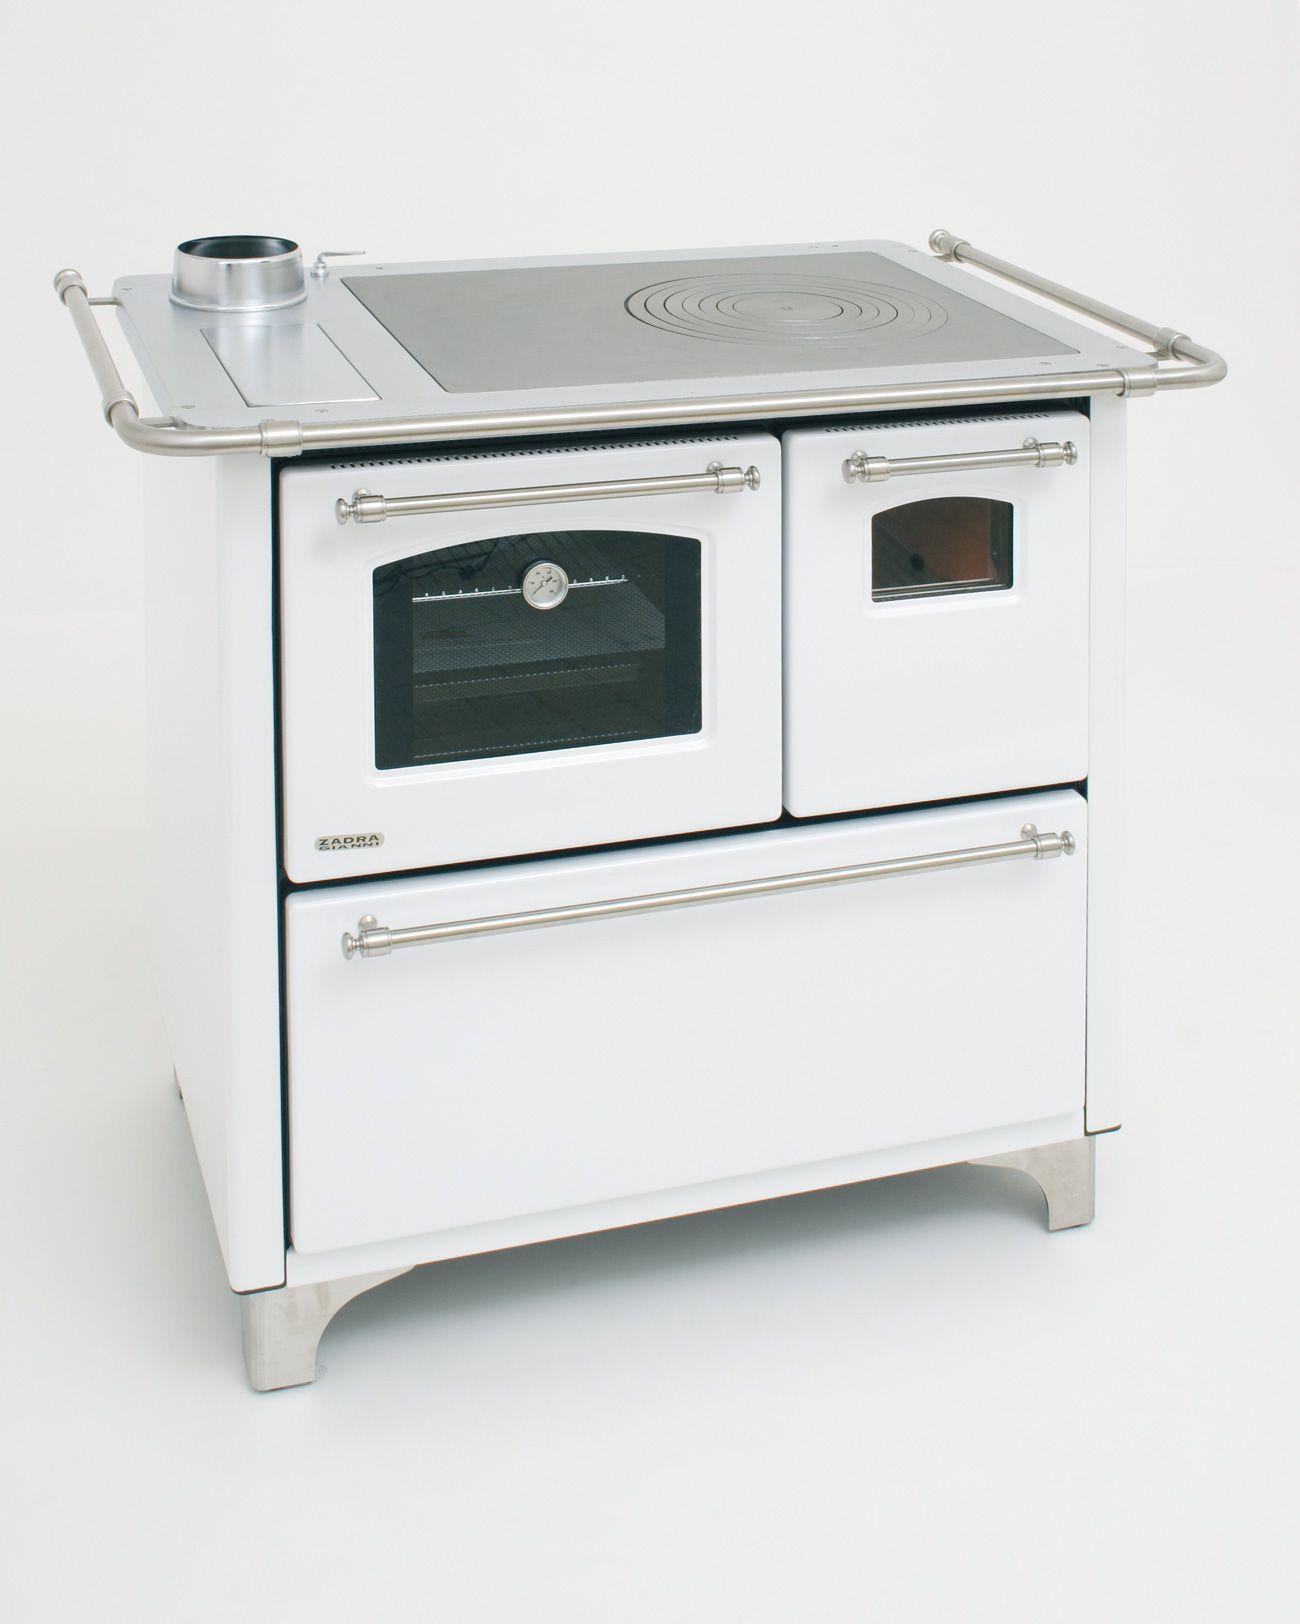 Cucina economica n 5  Cucine Stufe a Legna e termocucine  Amarcord  Stufa Stufe a legna e